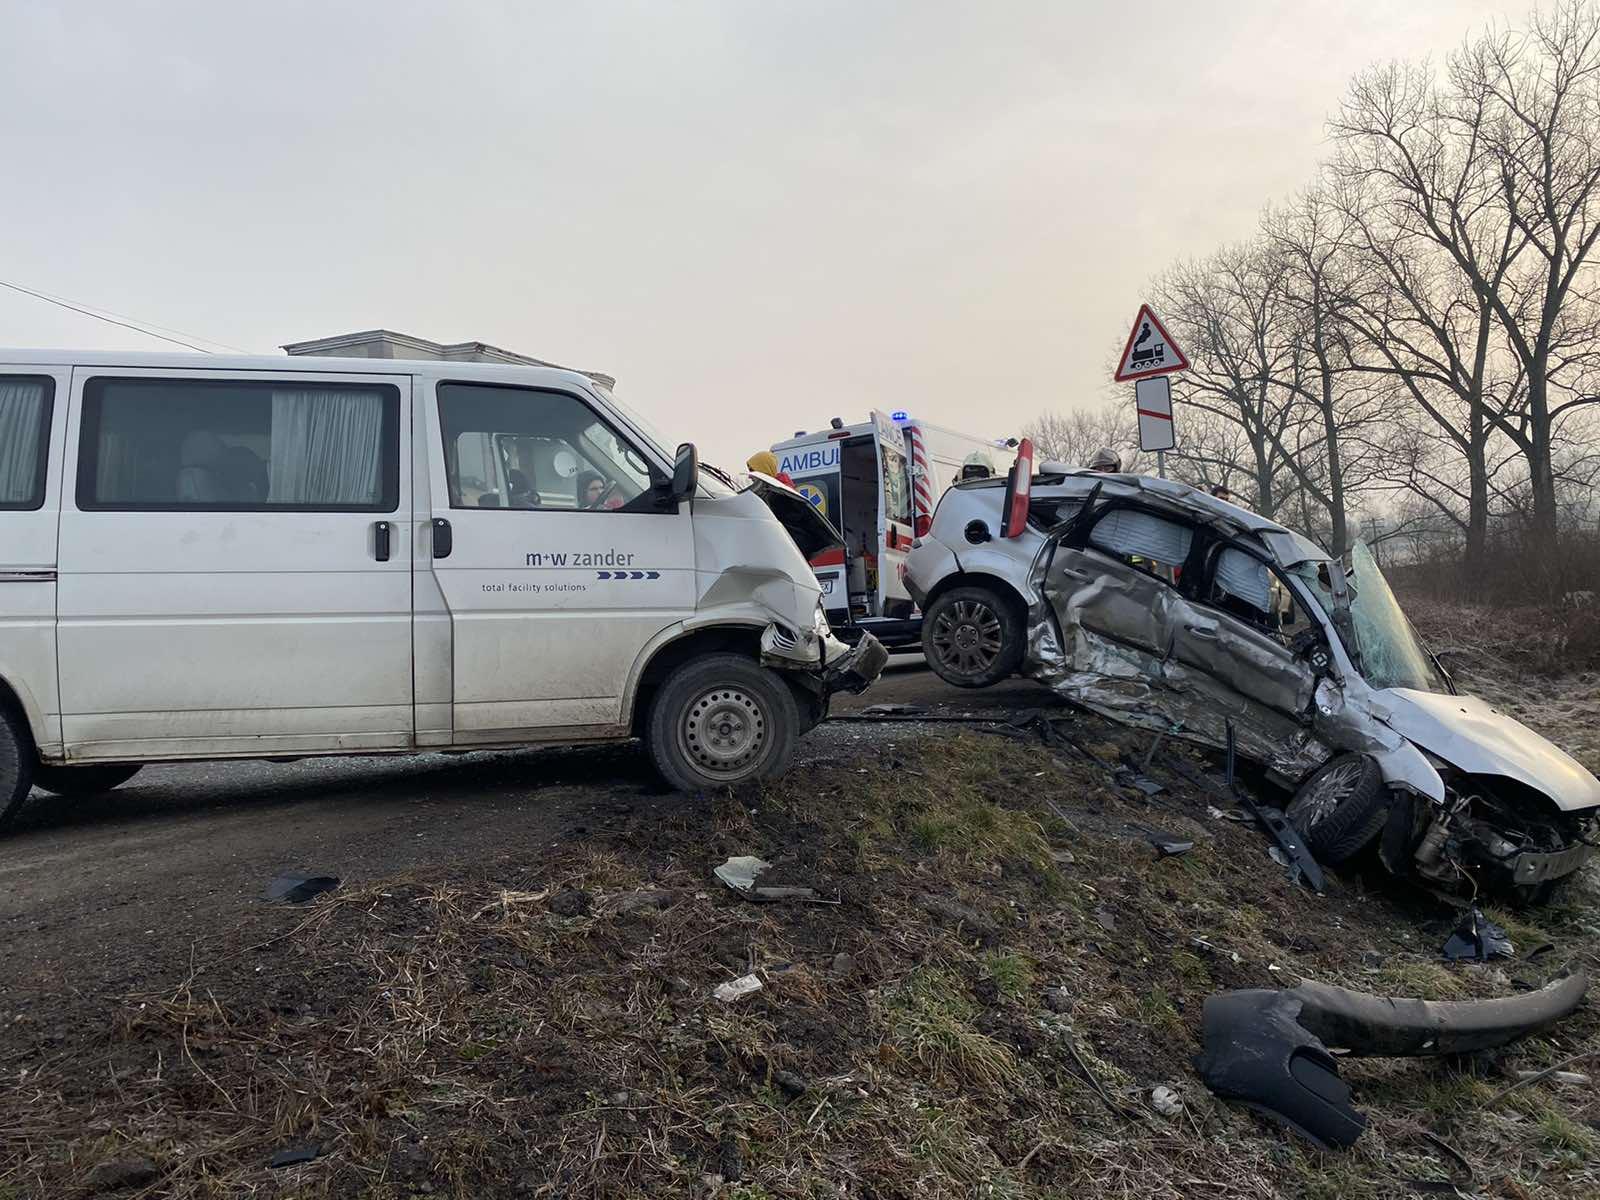 24 лютого о 07:54 до Служби порятунку надійшло повідомлення про дорожньо-транспортну пригоду, що сталася біля с. Сільце Берегівського району.